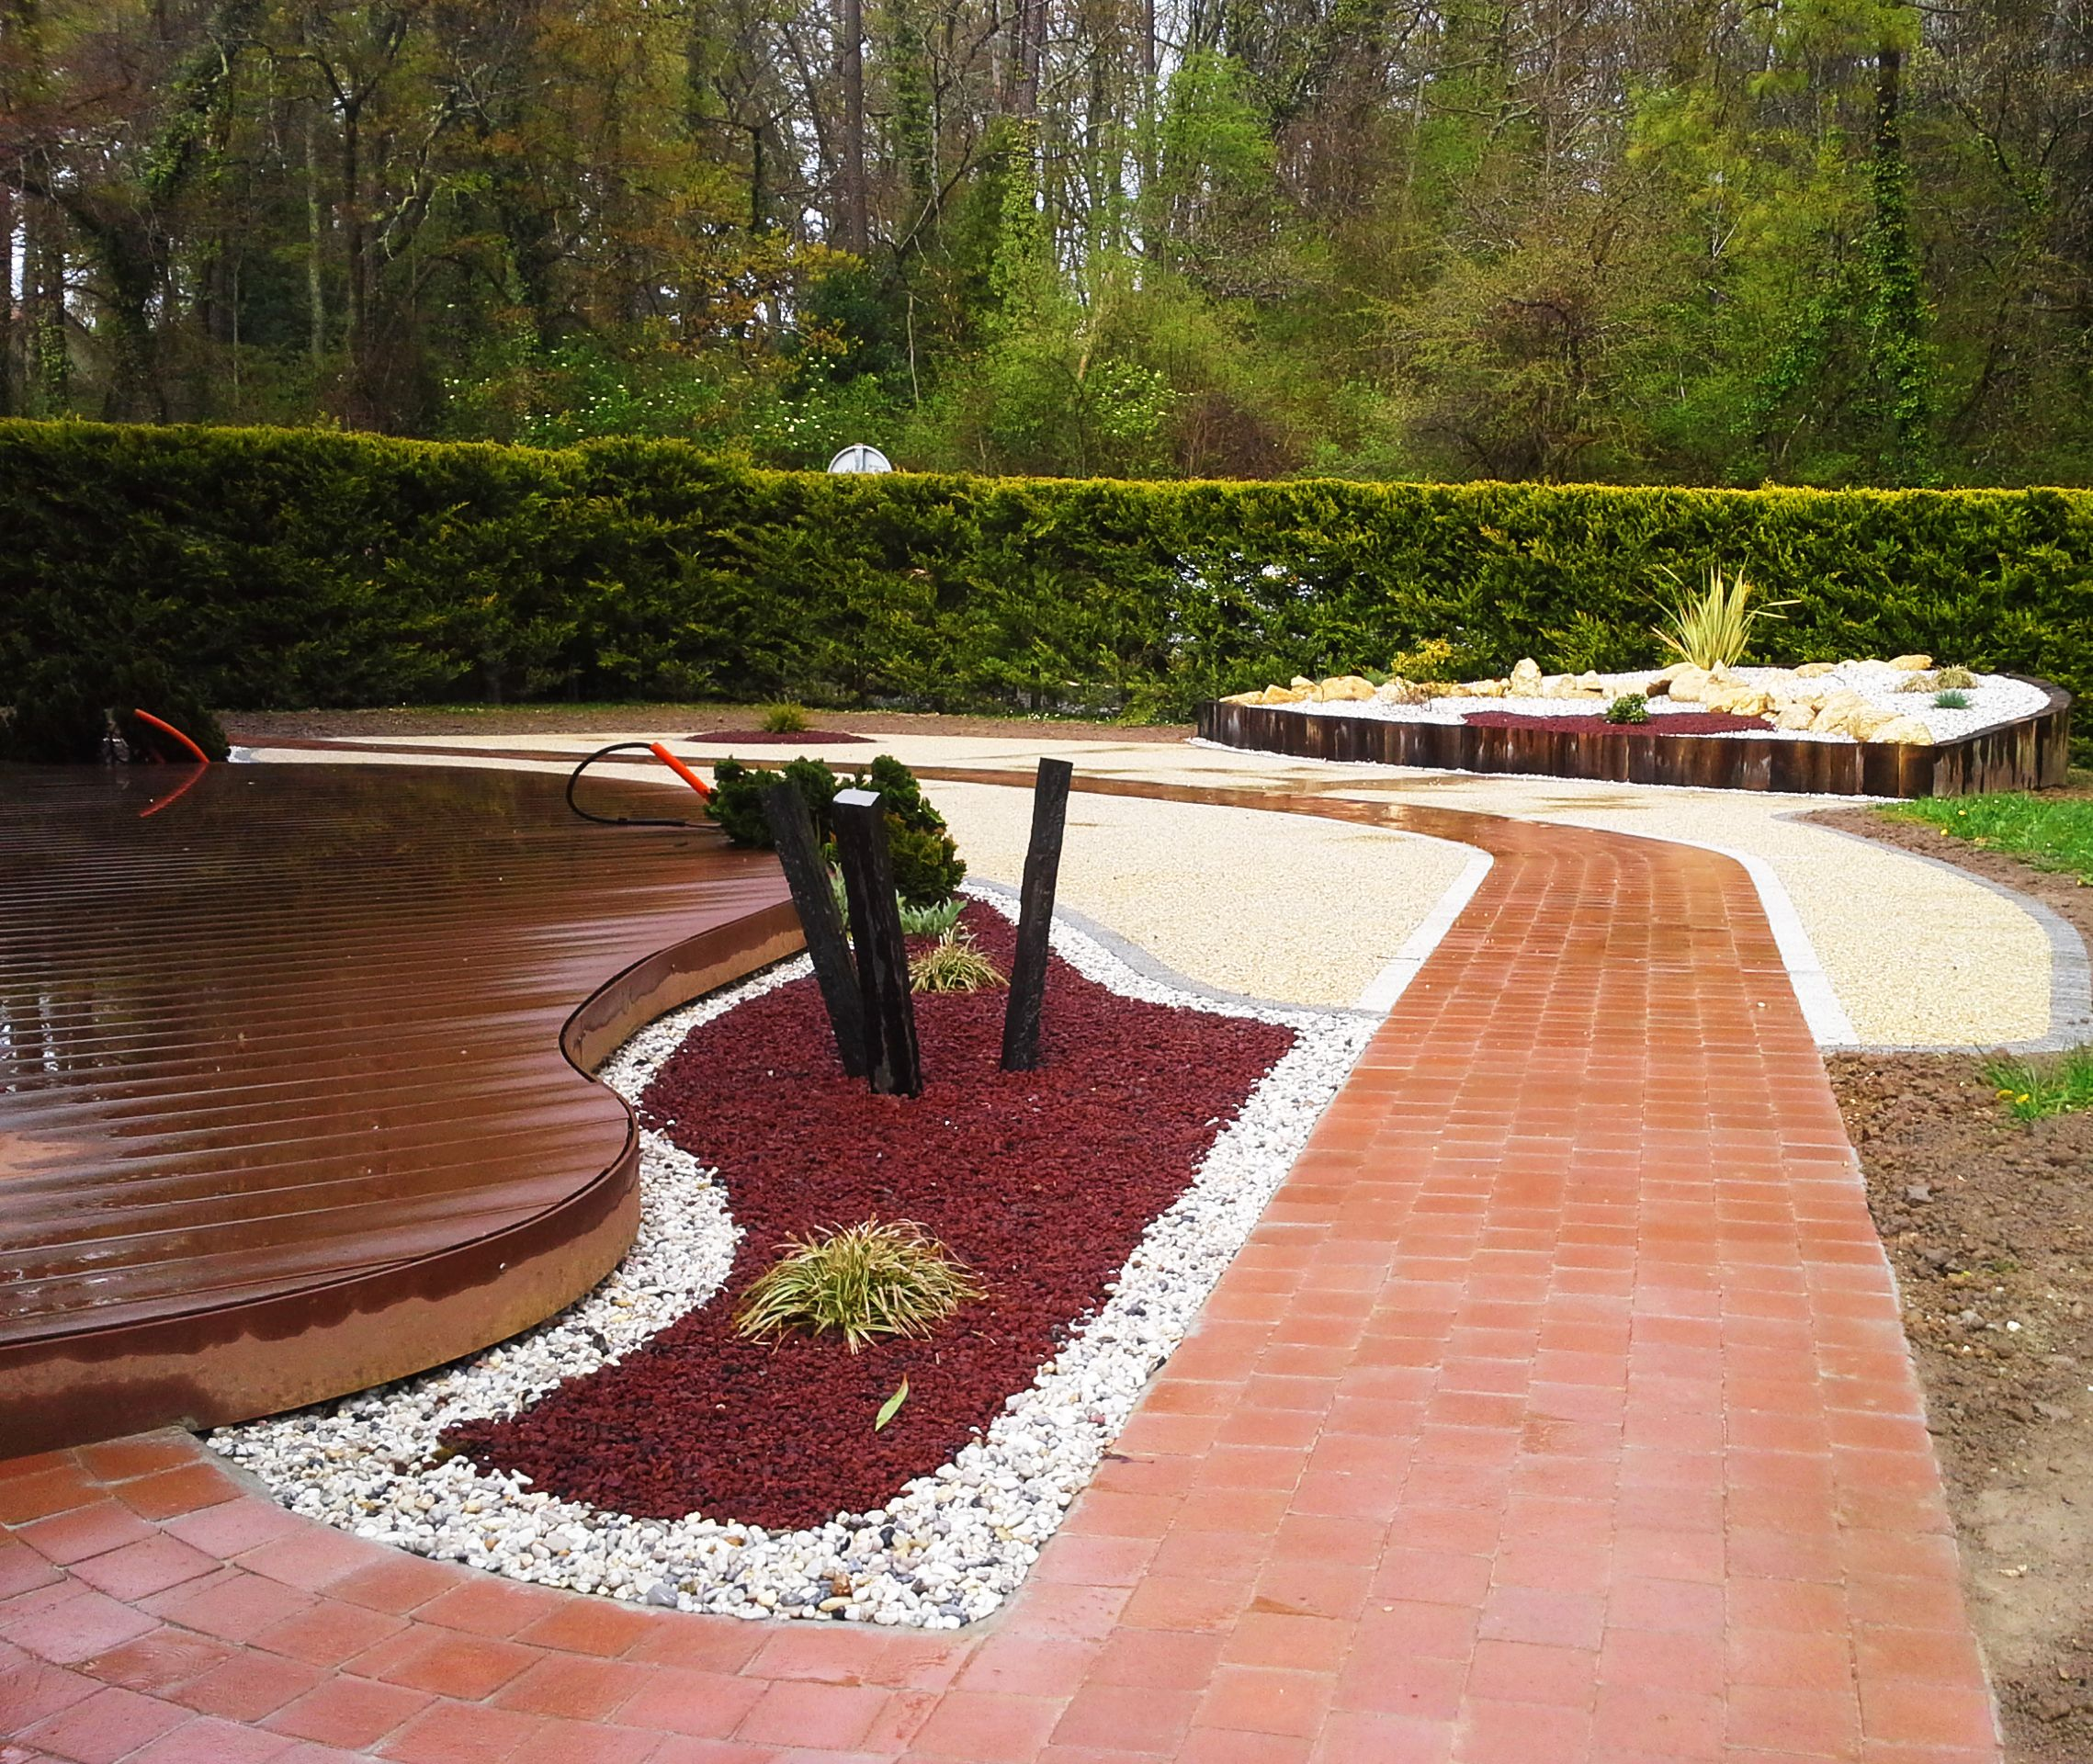 jardin minéral : pavage, béton désactivé et terrasse bois | jardin